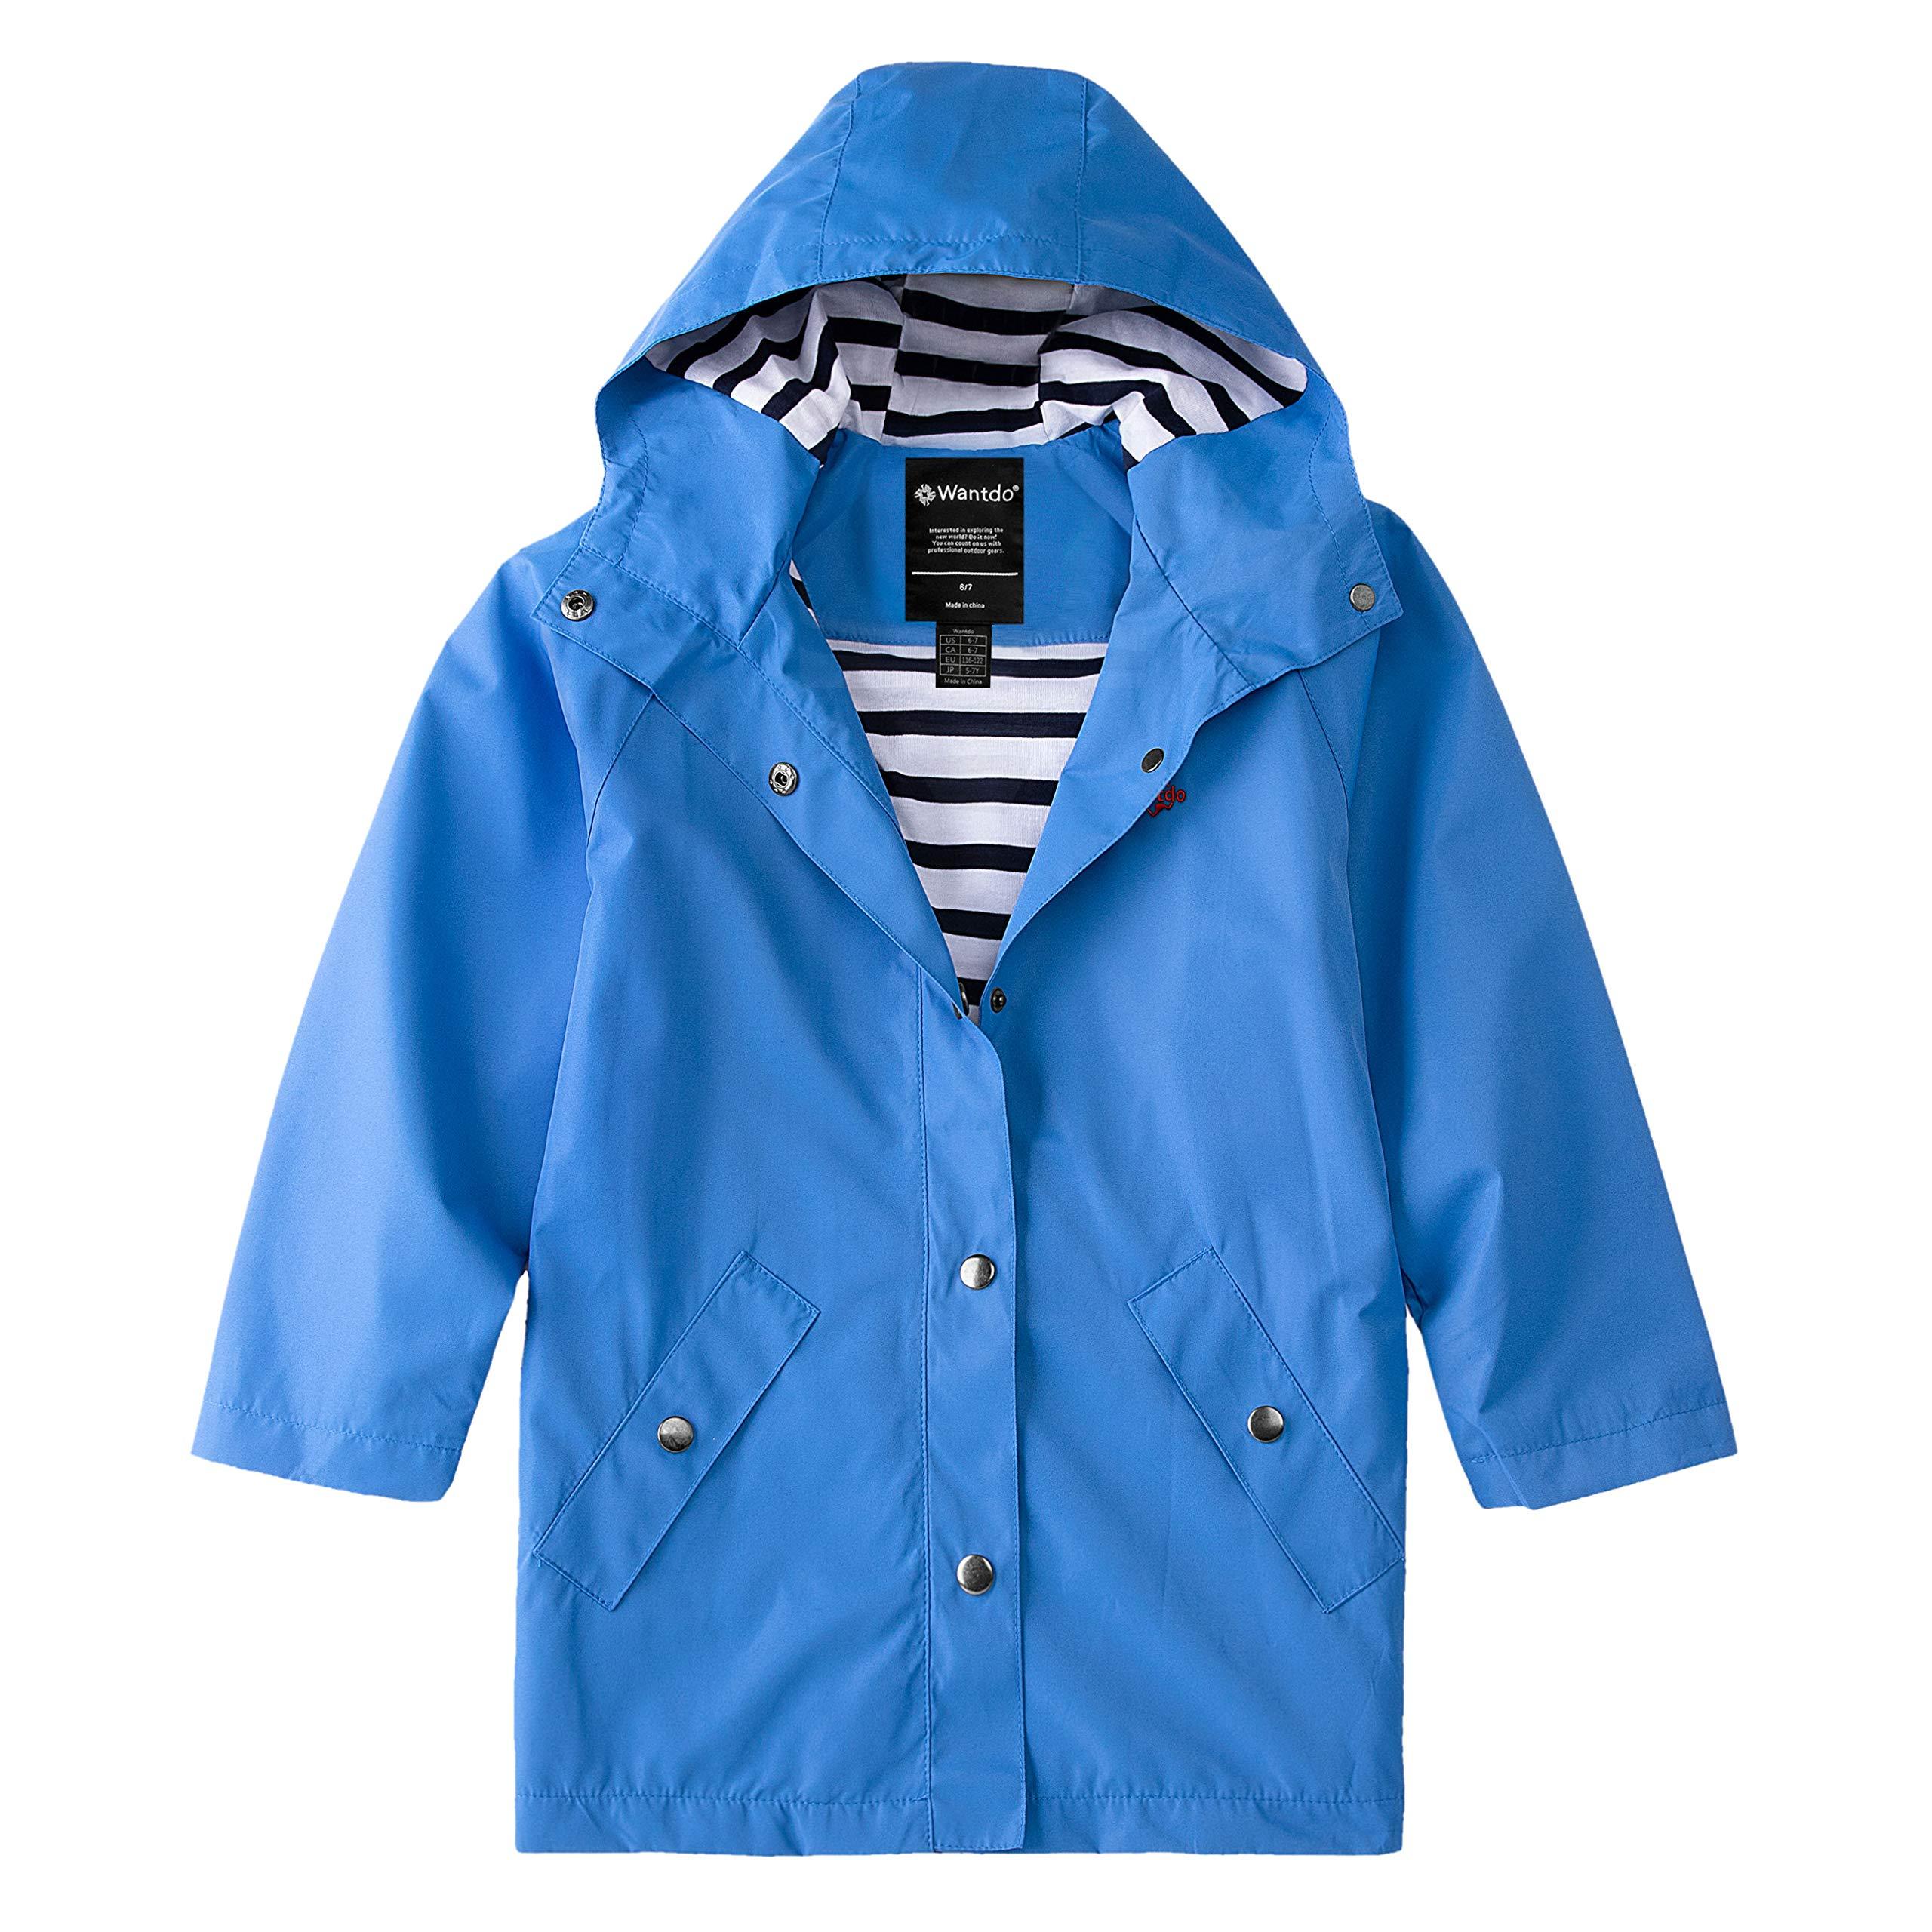 Wantdo Boys Waterproof Packable Rain Jacket Lightweight Camping Raincoat Blue 8 by Wantdo